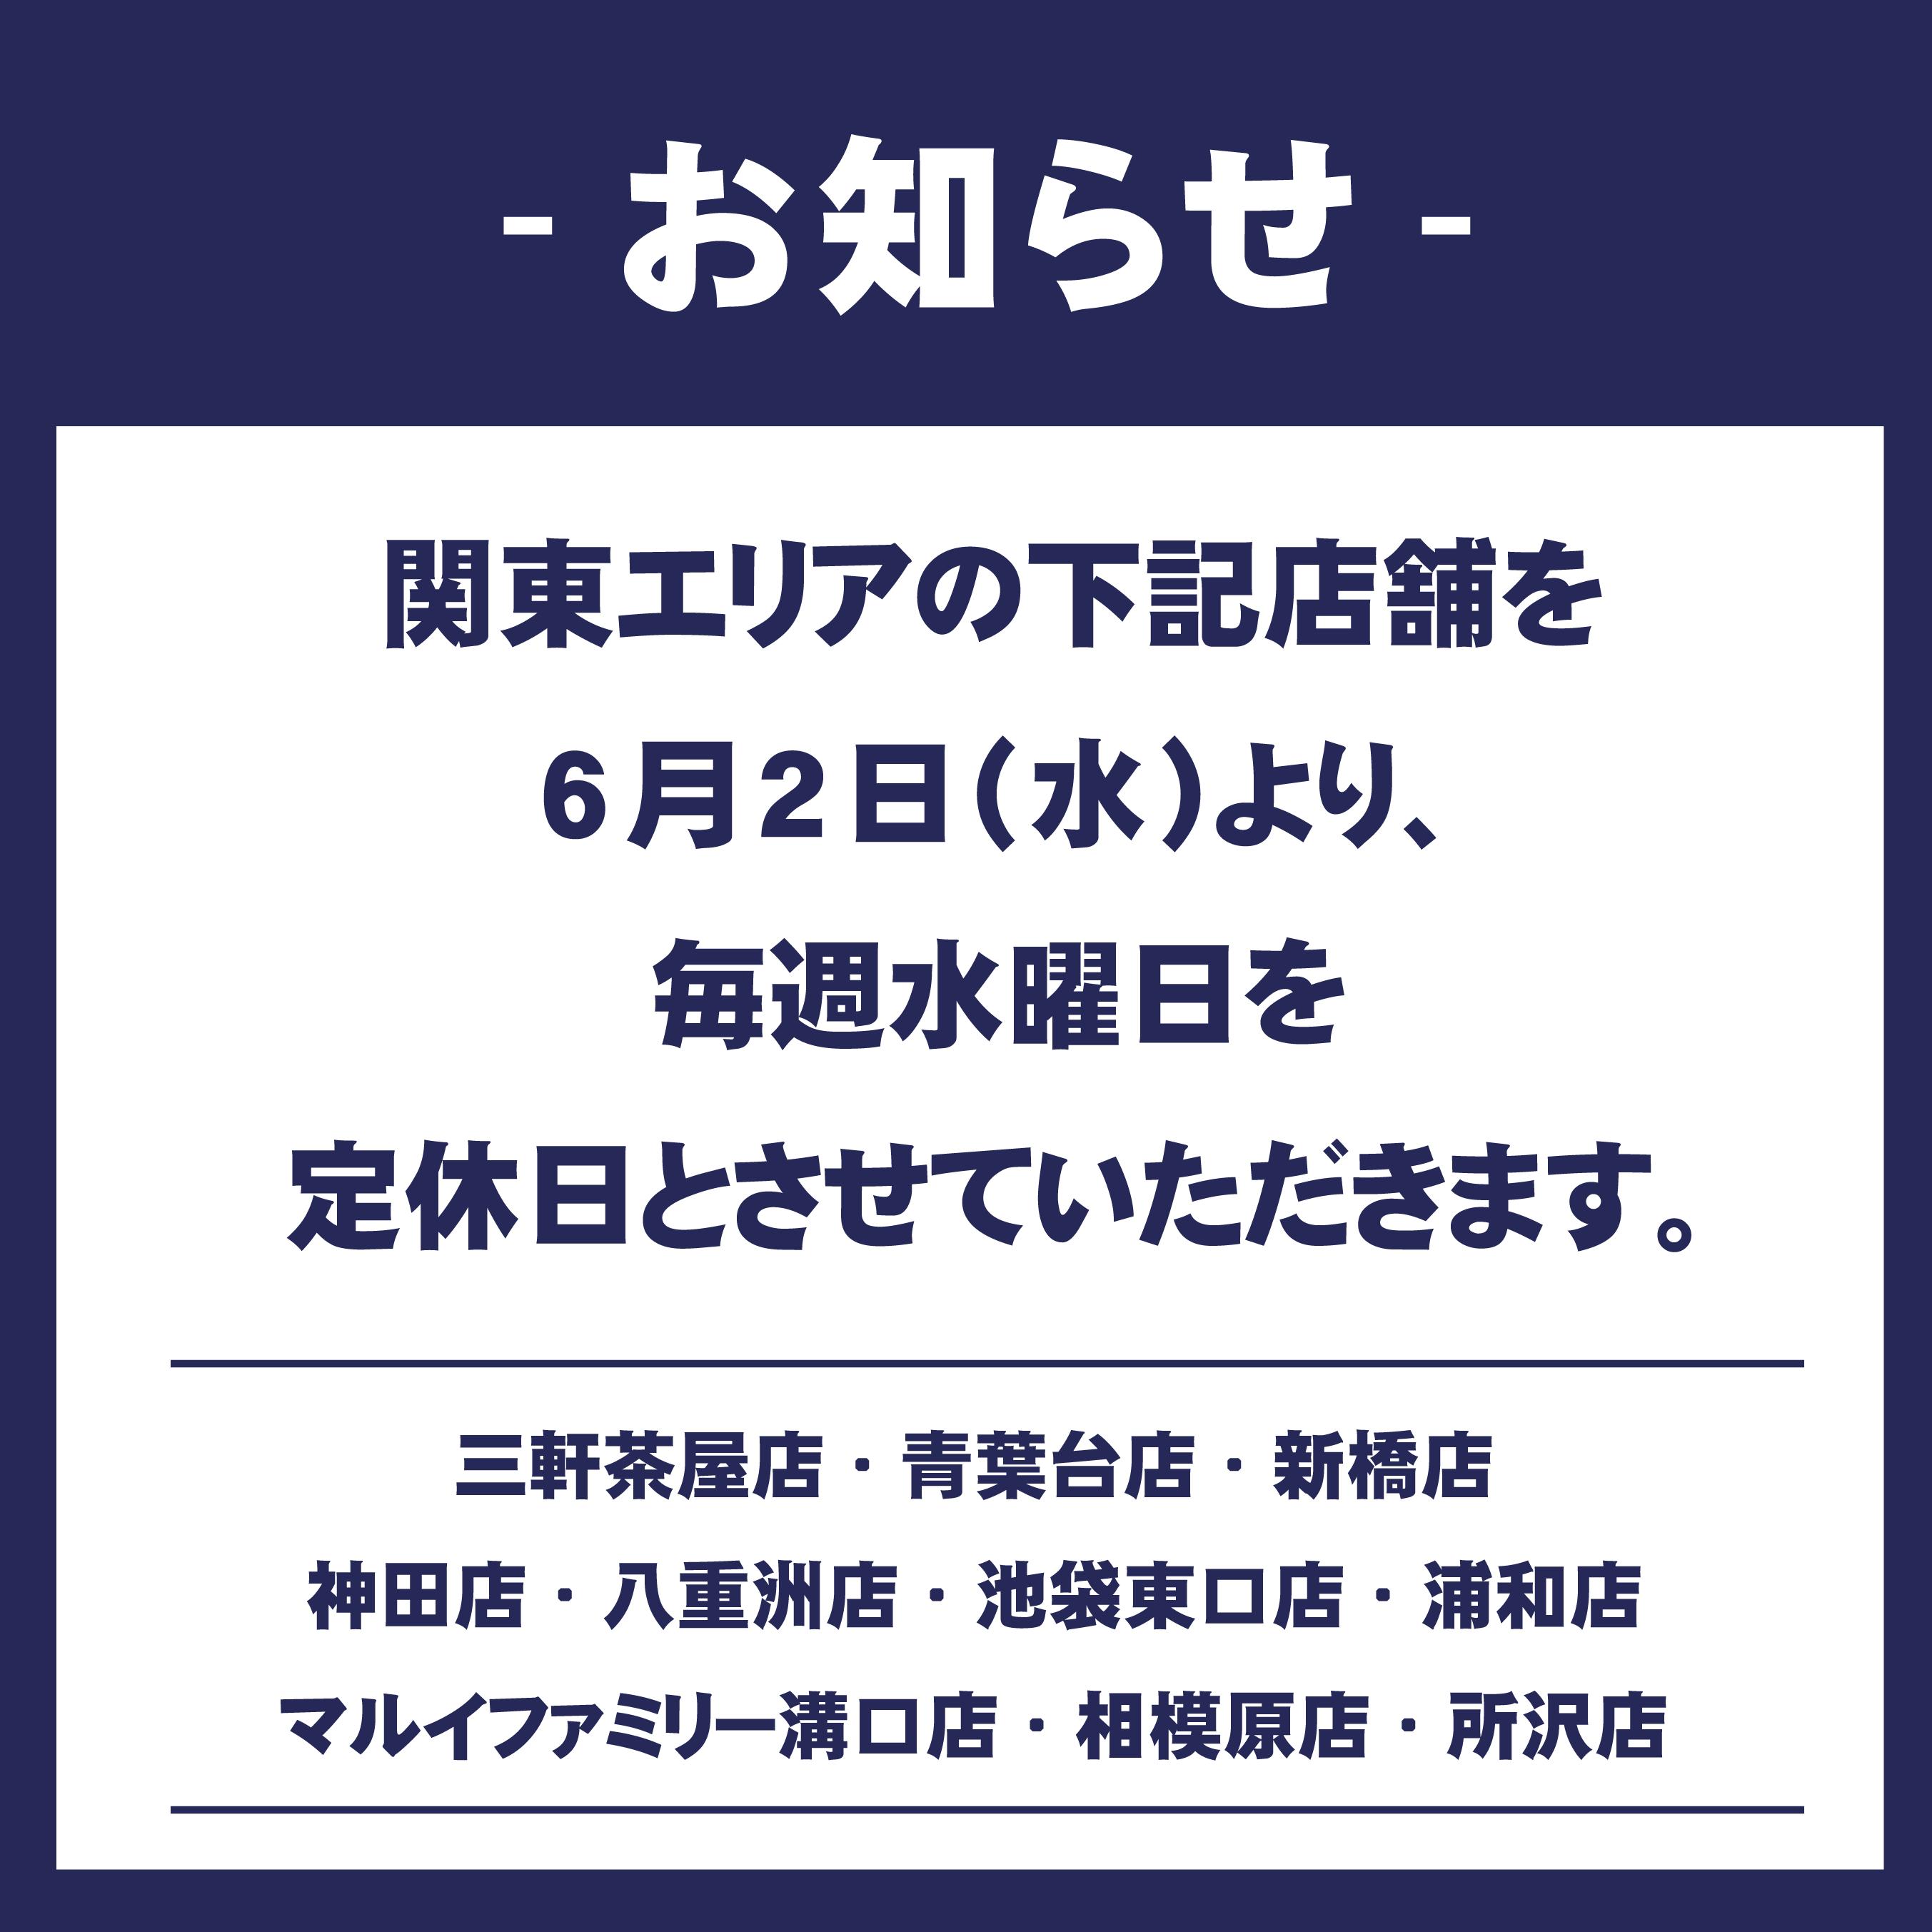 関東エリアの定休日のお知らせ